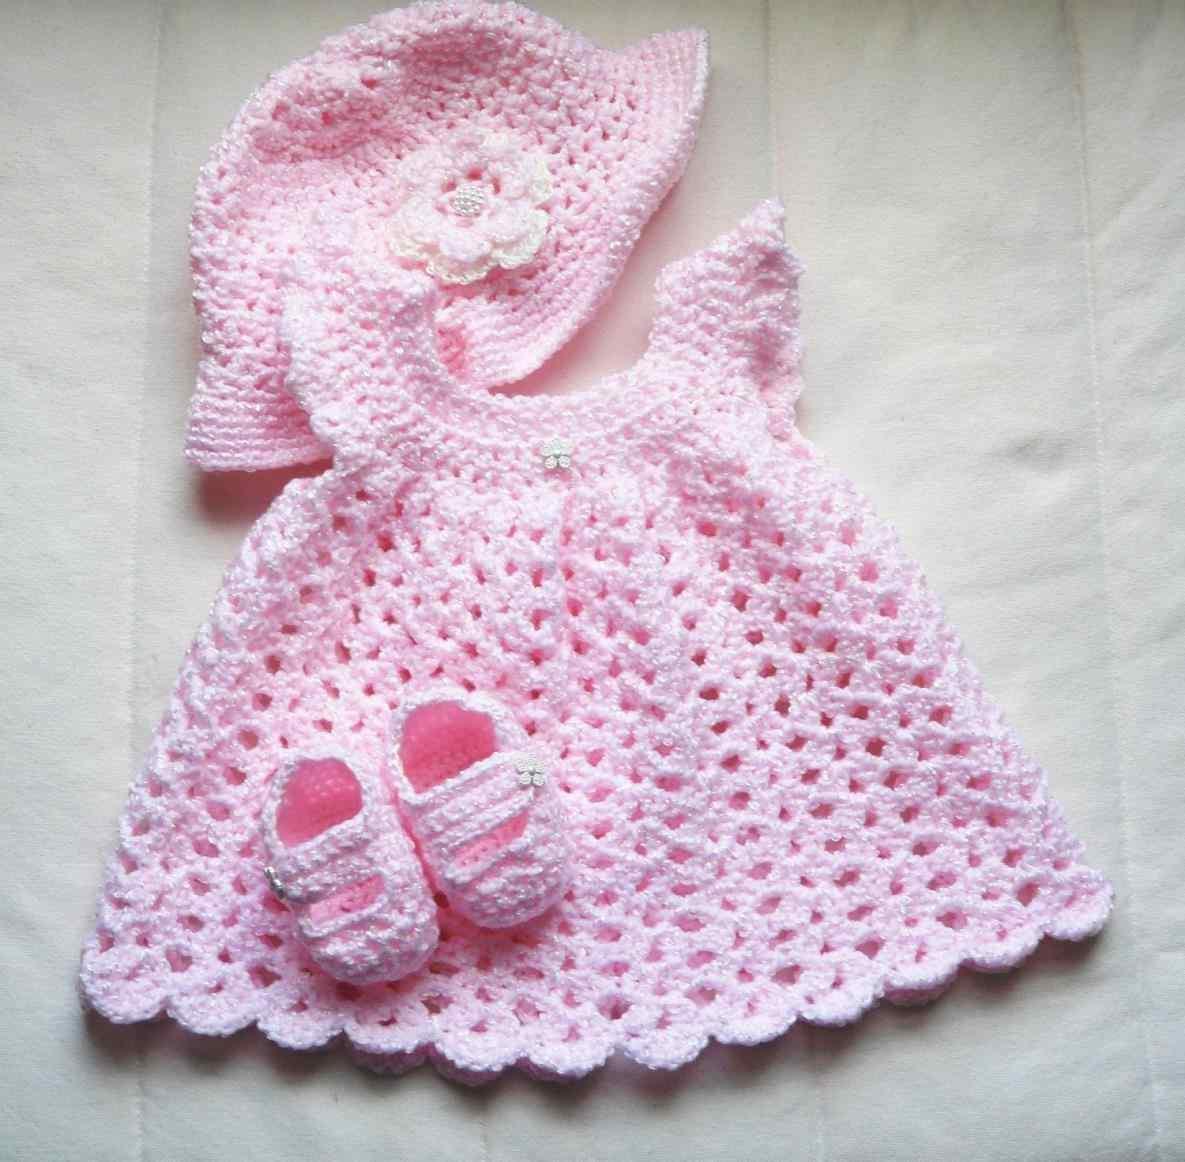 Wybitny Ubranka dla dzieci handmade na drutach schematy: 30+ najpięknych HA44